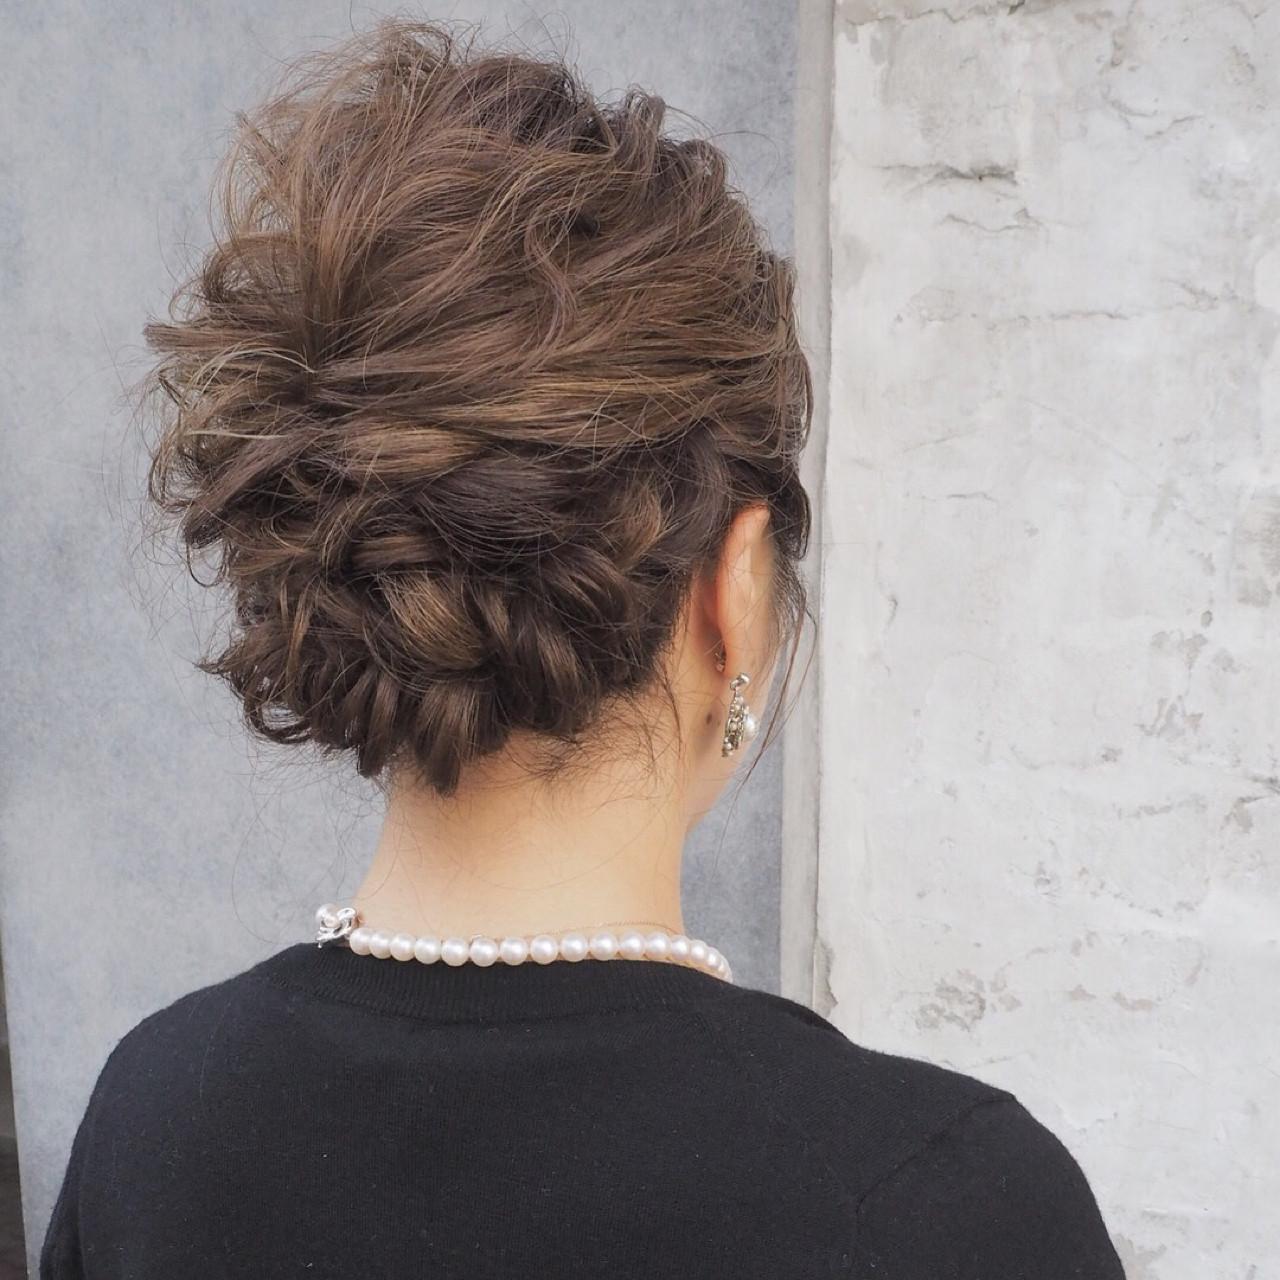 ヘアアレンジ デート 結婚式 ミディアム ヘアスタイルや髪型の写真・画像